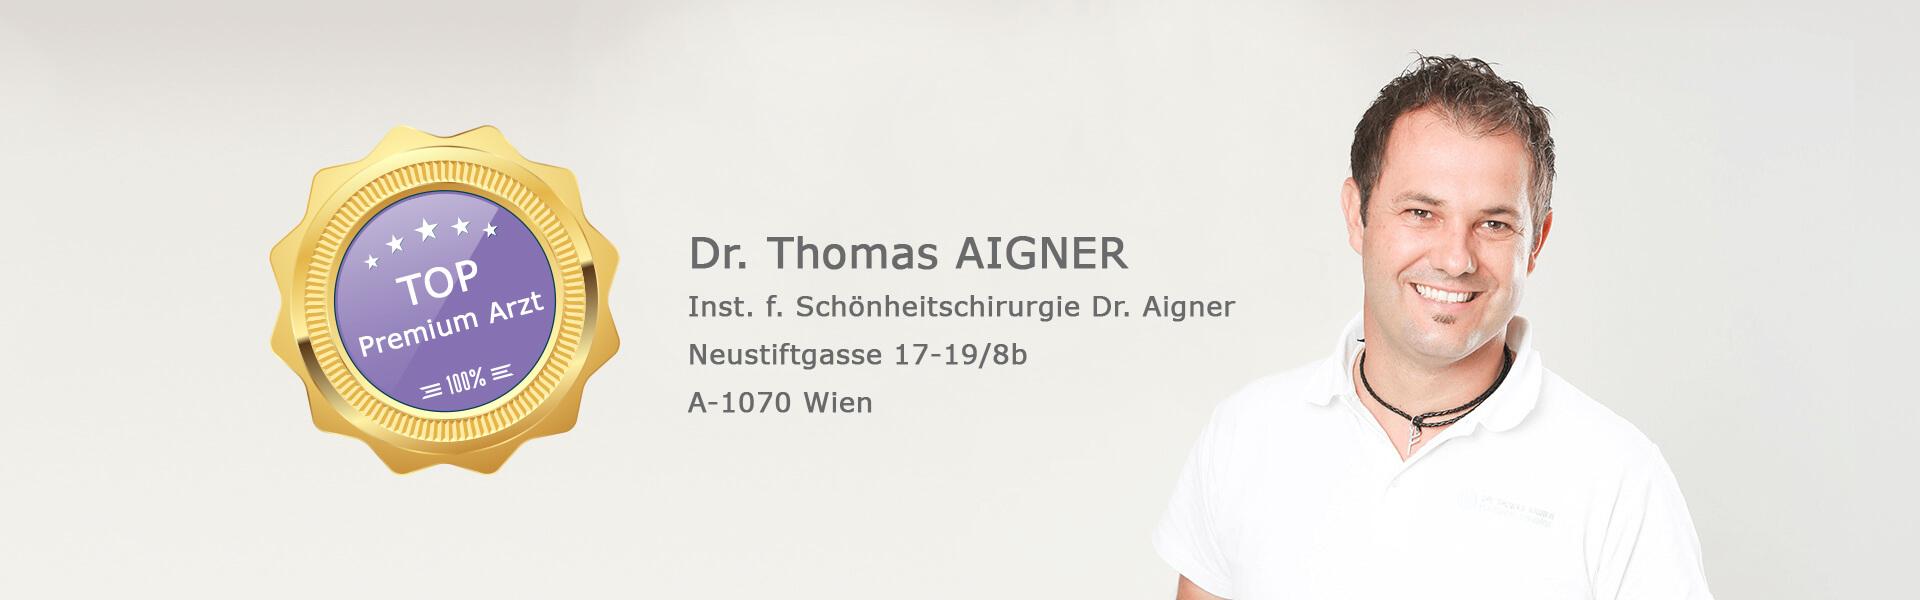 Dr Thomas Aigner Plastischer Chirurg 1070 Wien